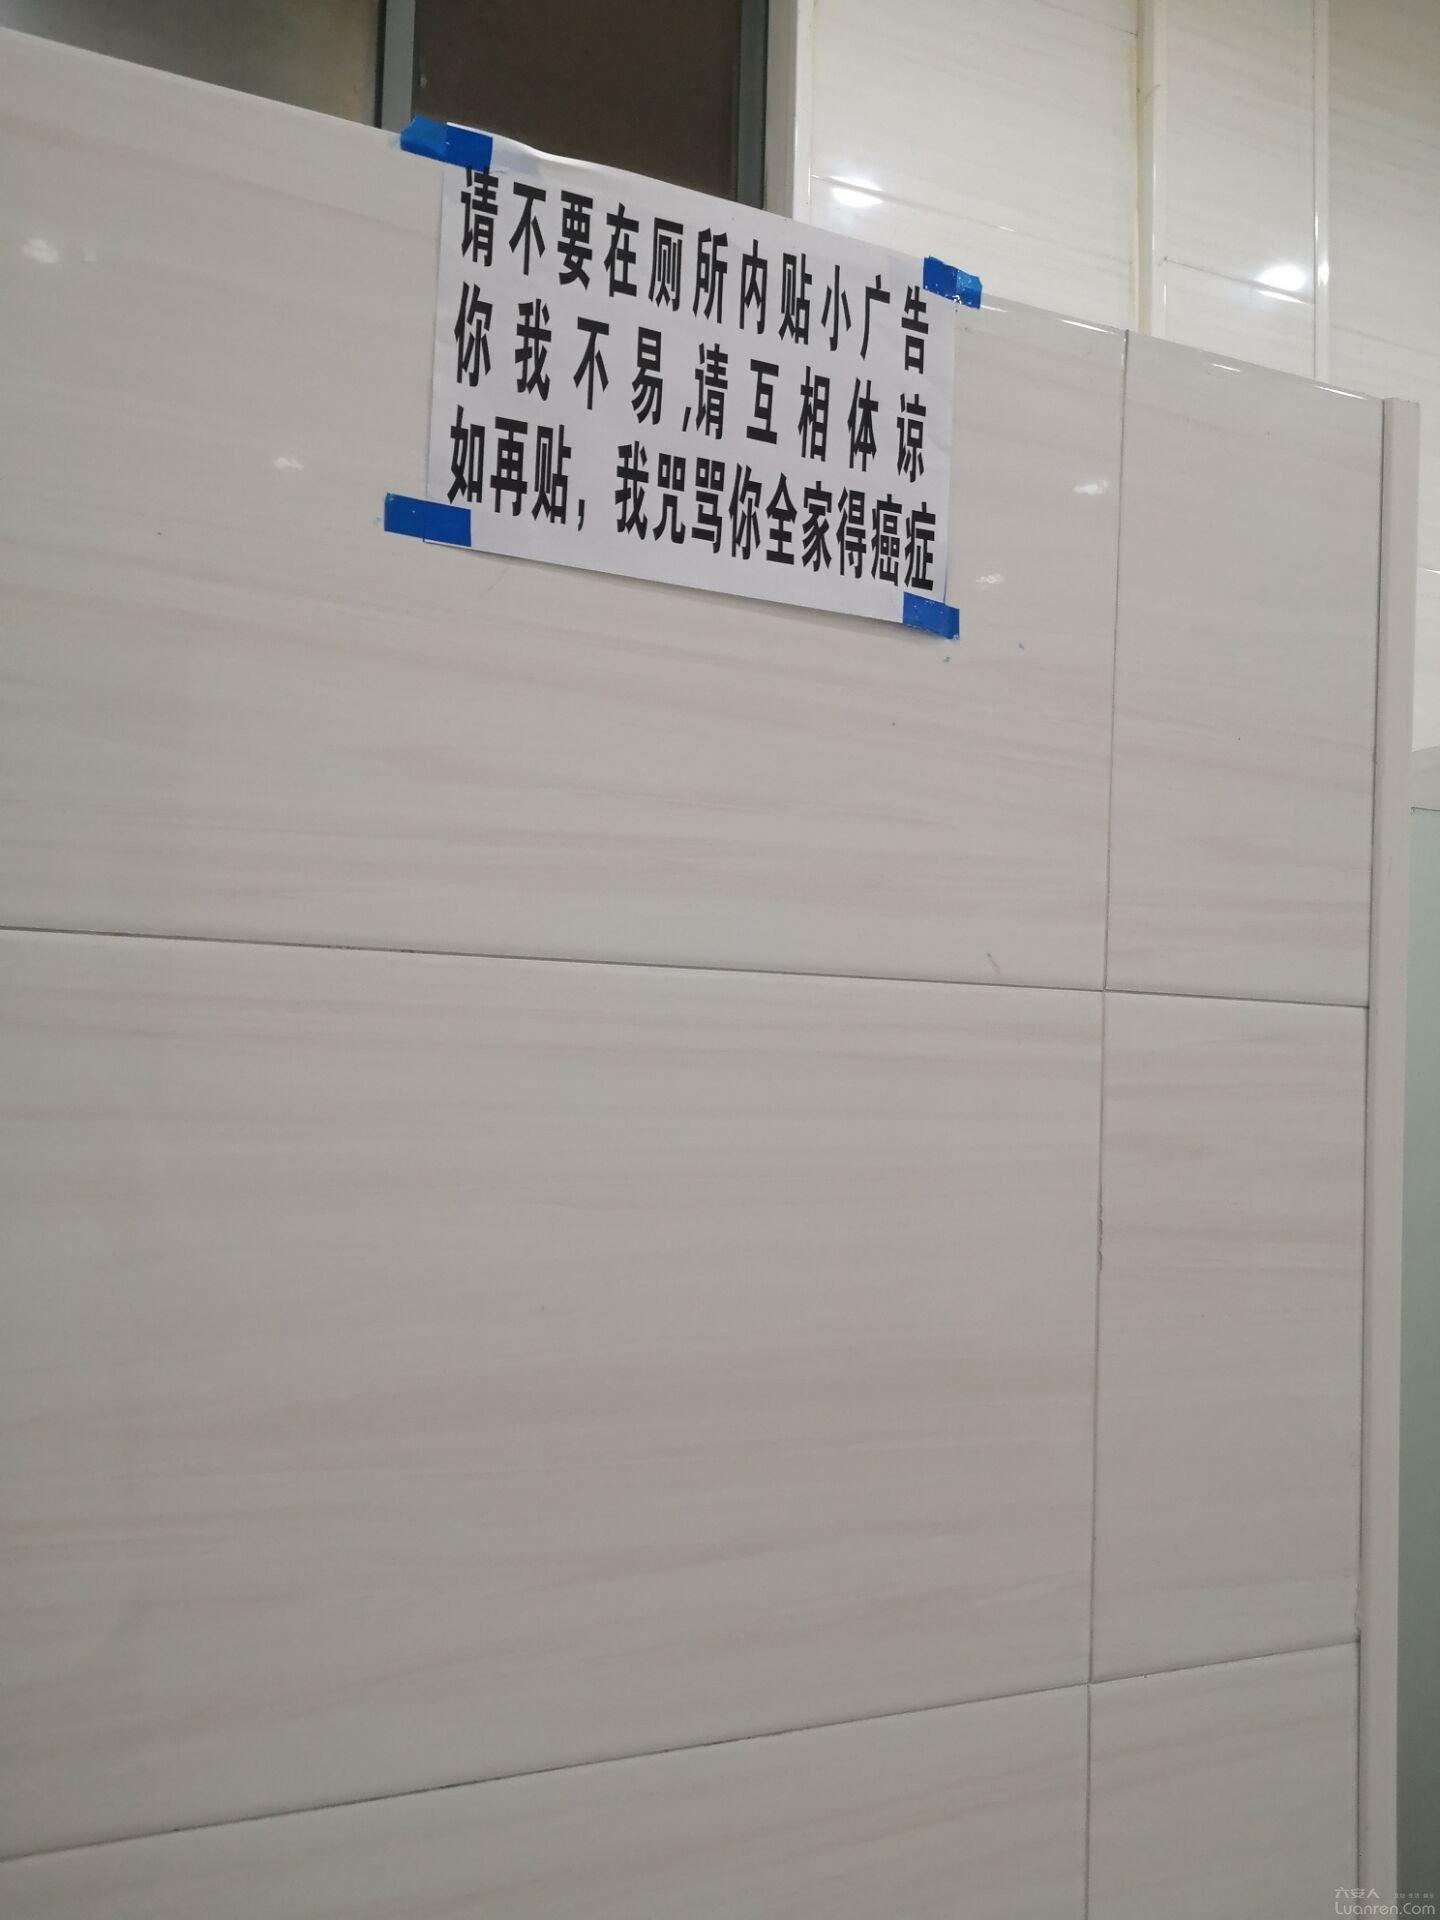 厕所论+�_在厕所内贴小广告,我咒骂你全家得癌症?